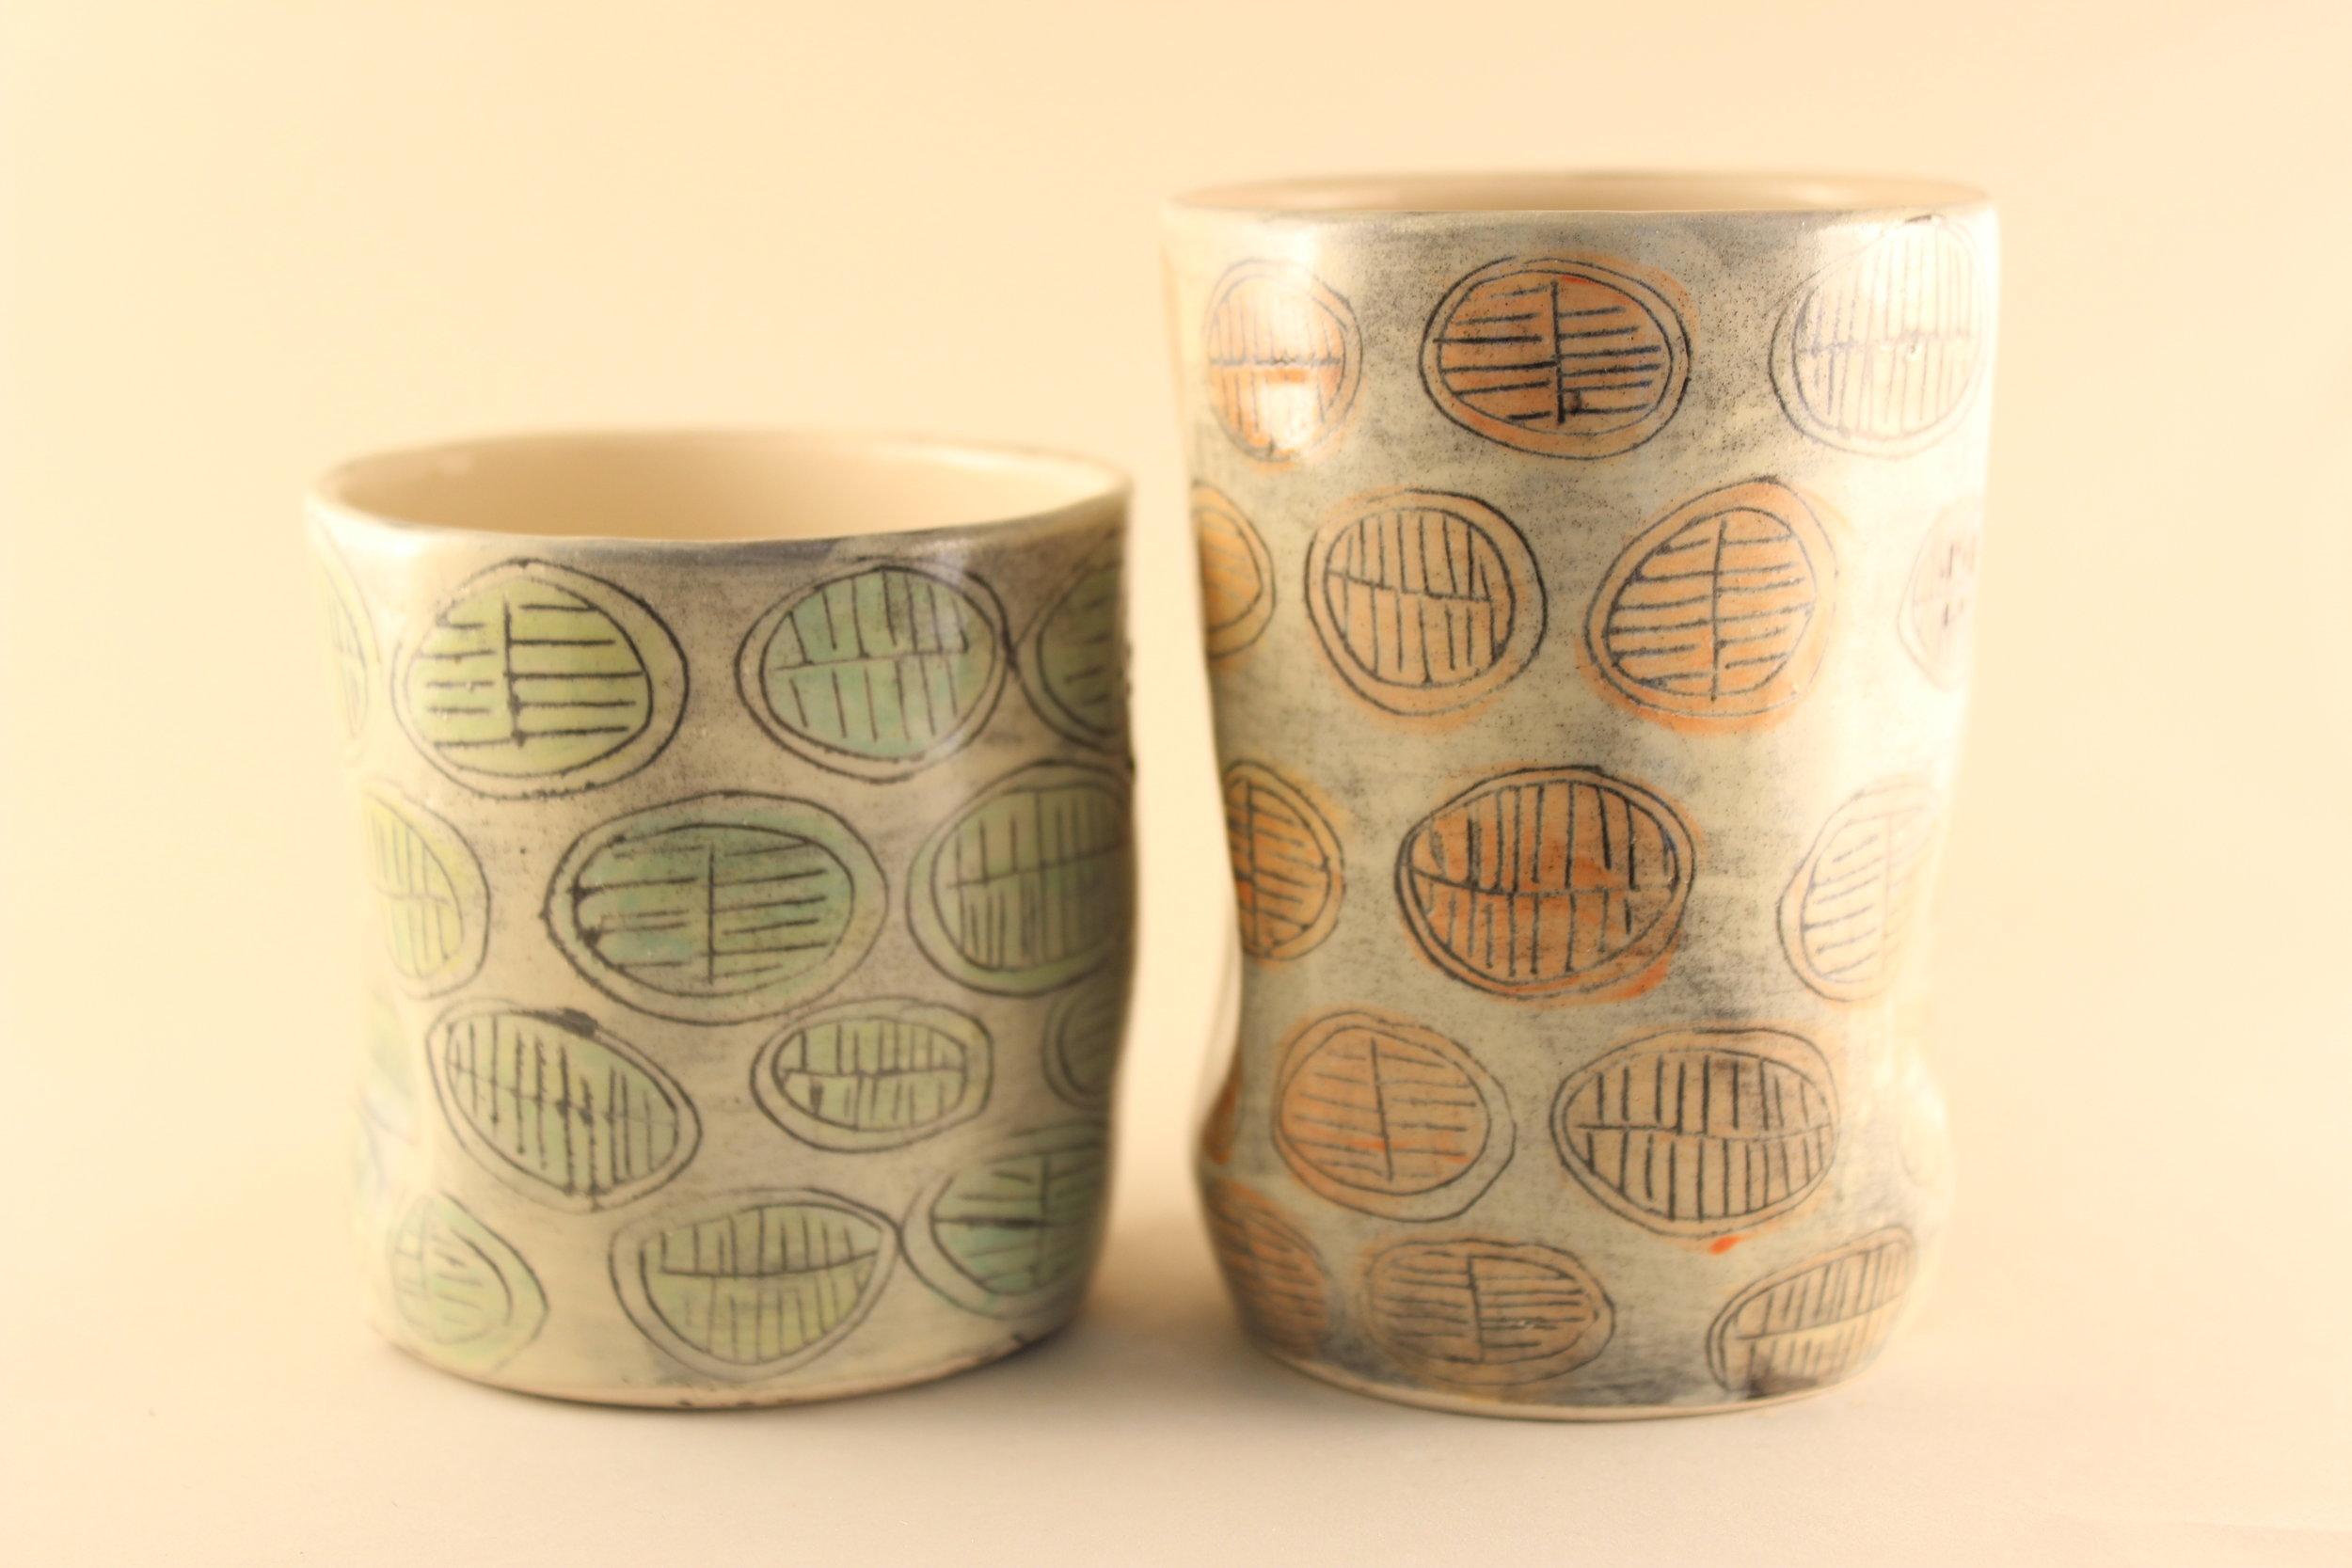 Hawes_Cups.JPG